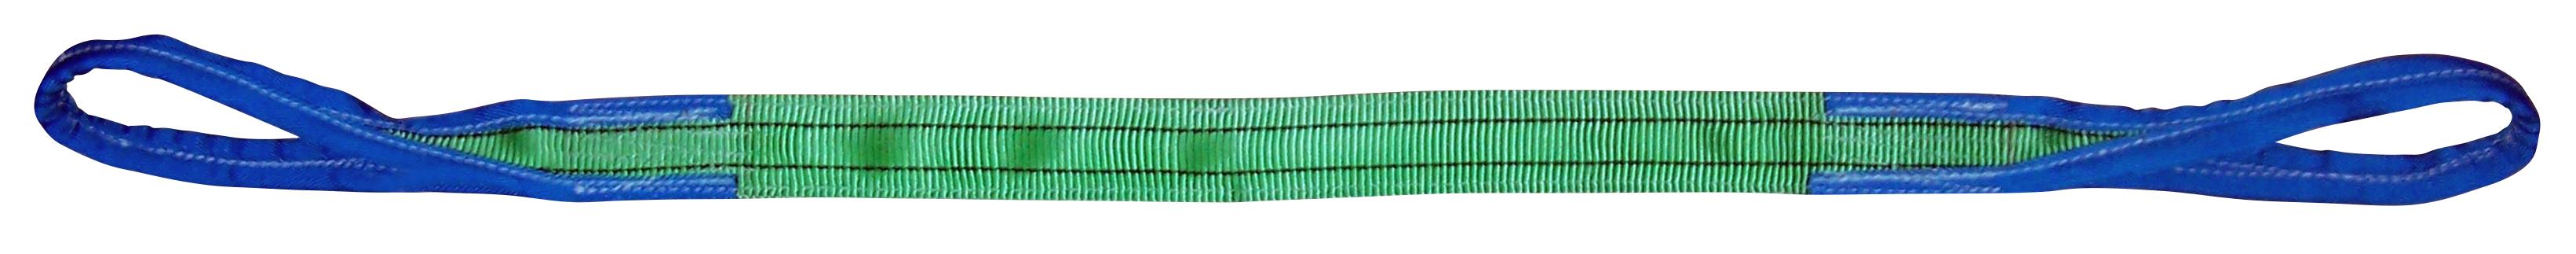 Hebeband aus Polyester 2-lagig mit vollverstärkten Schlaufen Tragfähigkeit 2 Tonnen